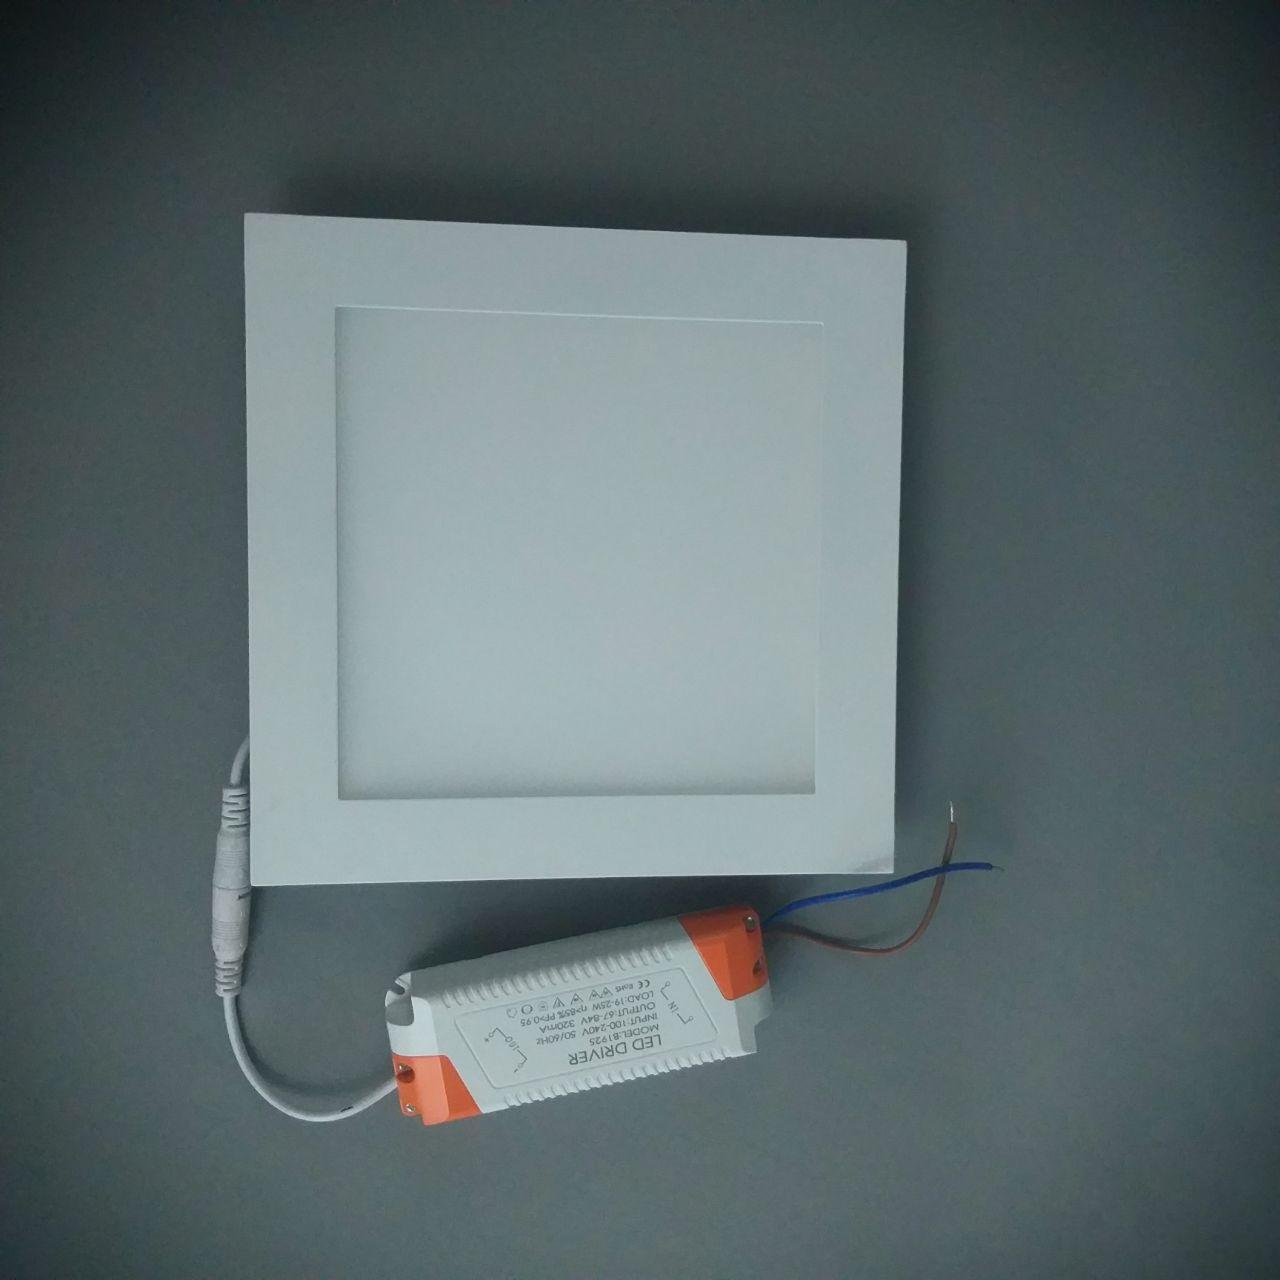 Светодиодная панель S01015.3 WW 180x180 3000K 15W